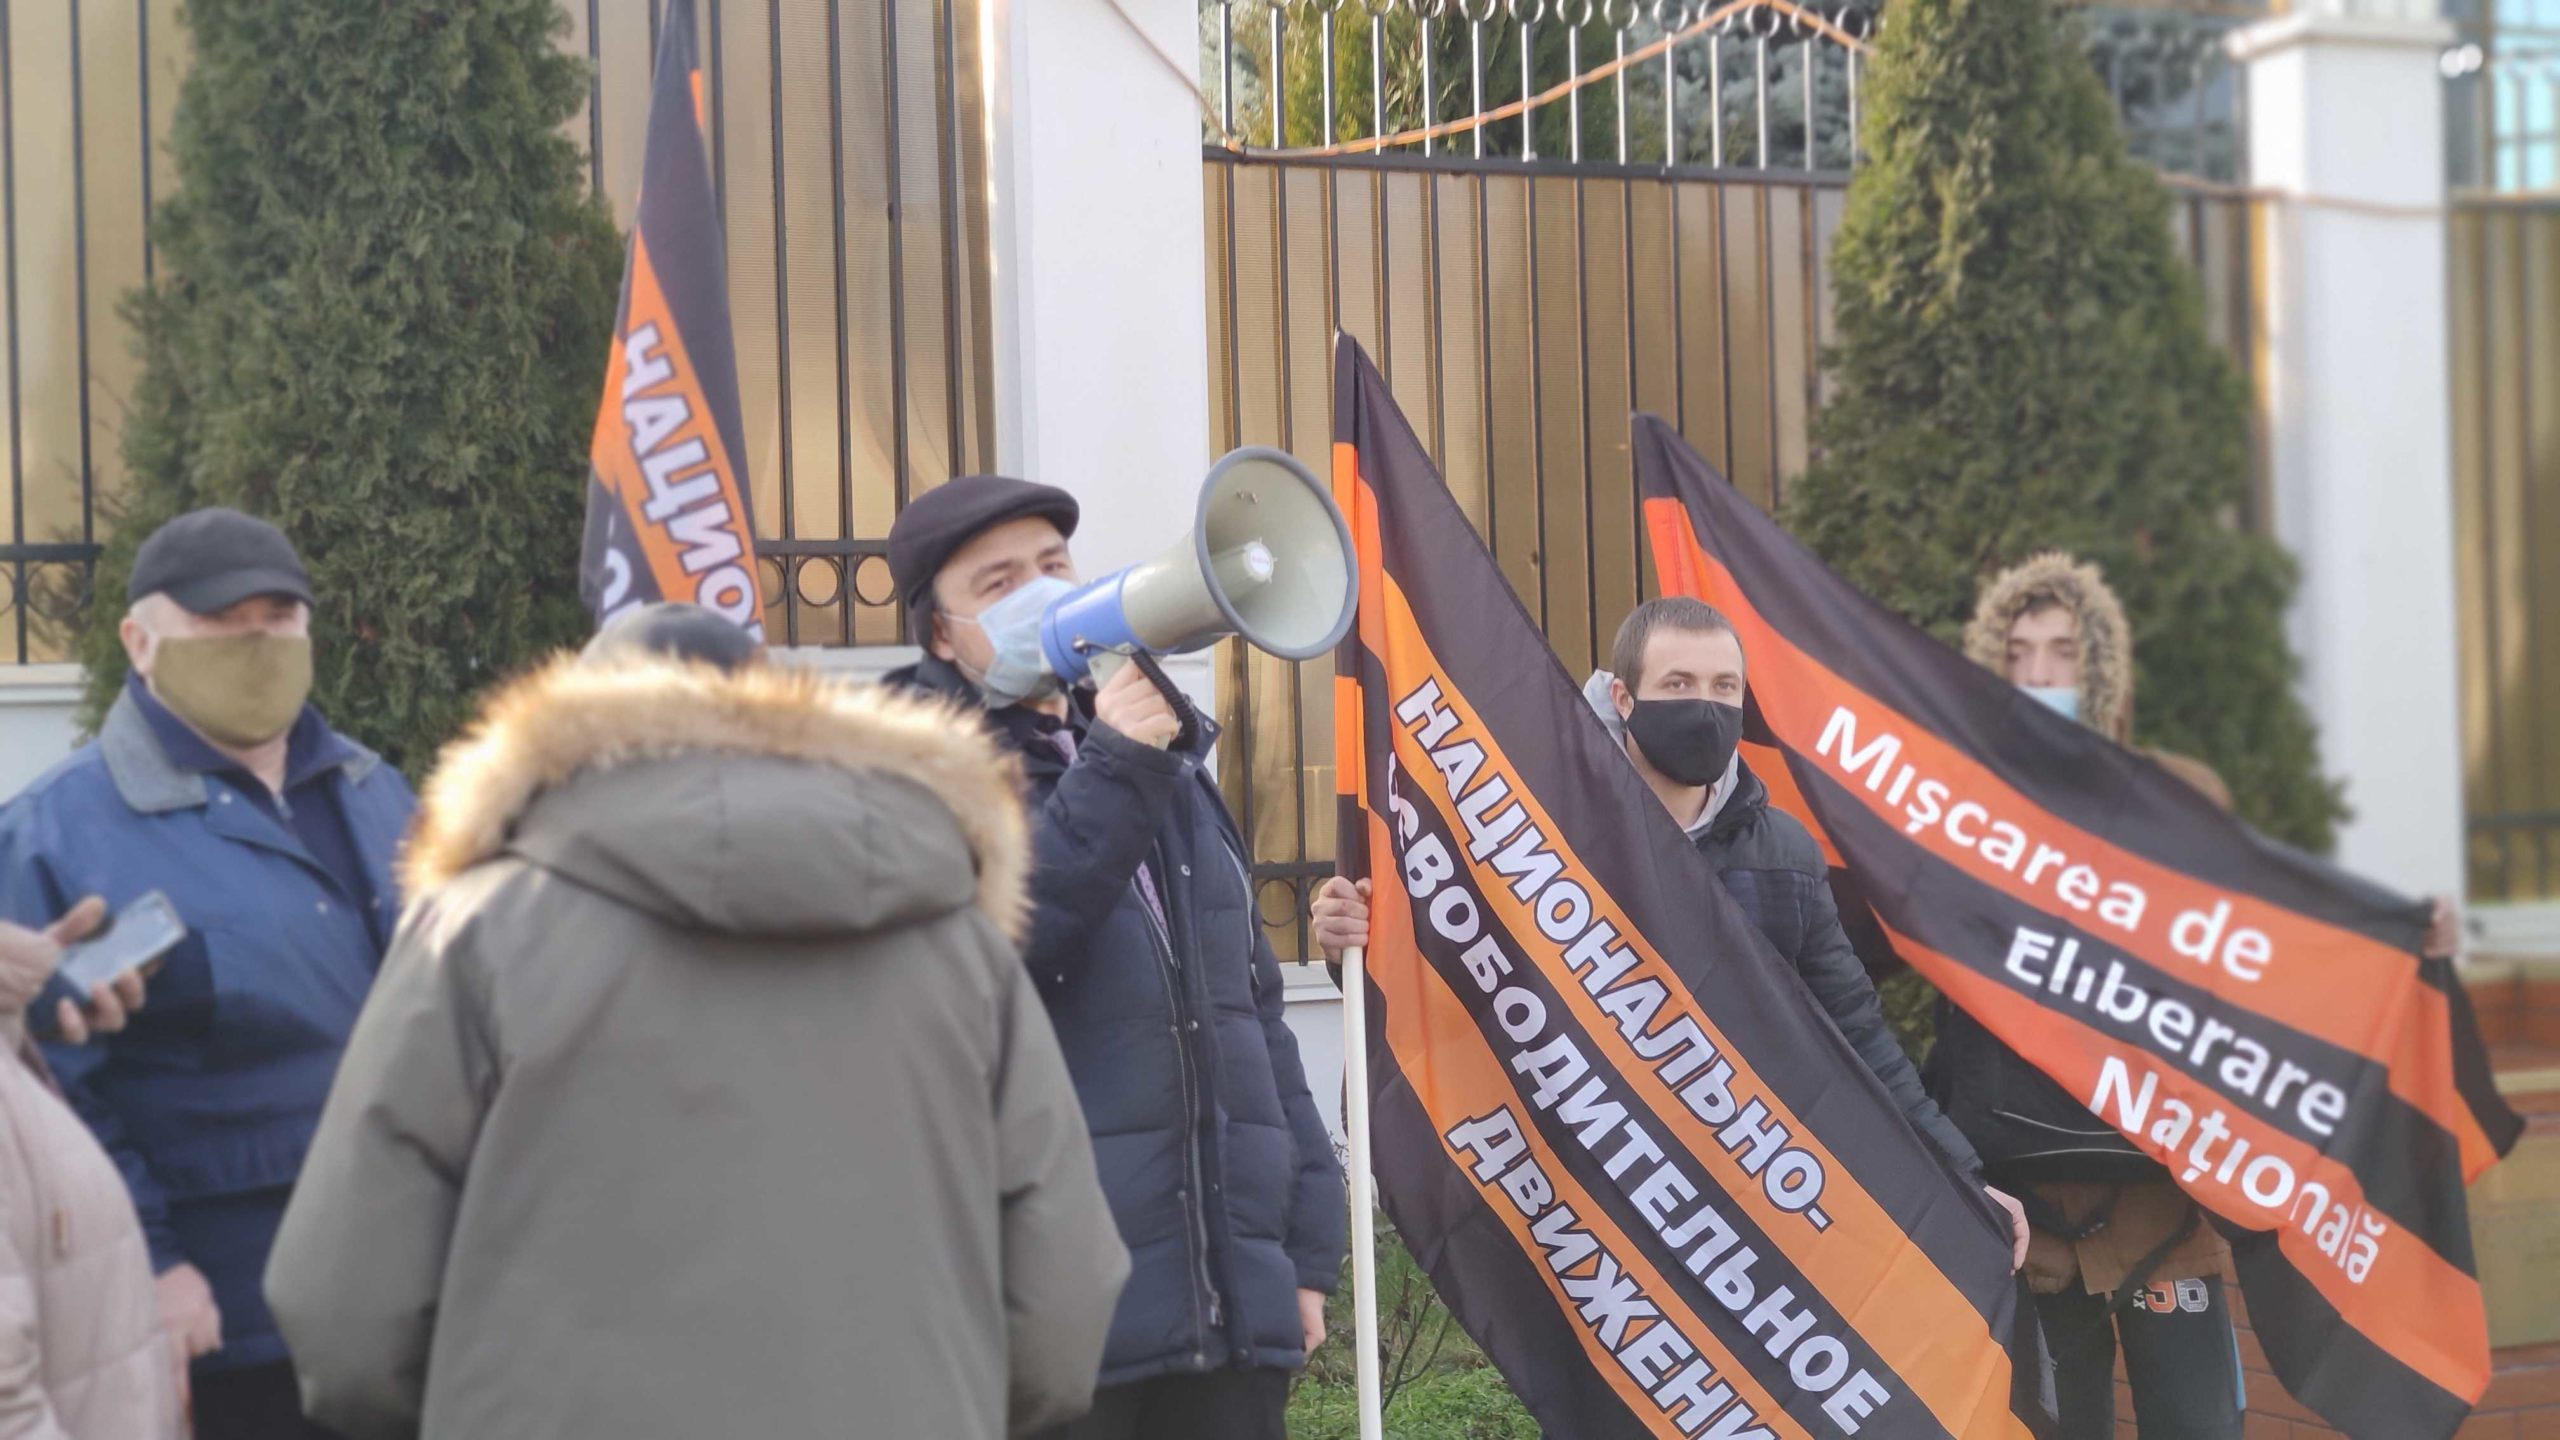 La Chișinău s-au desfășurat un miting în sprijinul lui Navalnîi și al lui Putin (VIDEO)